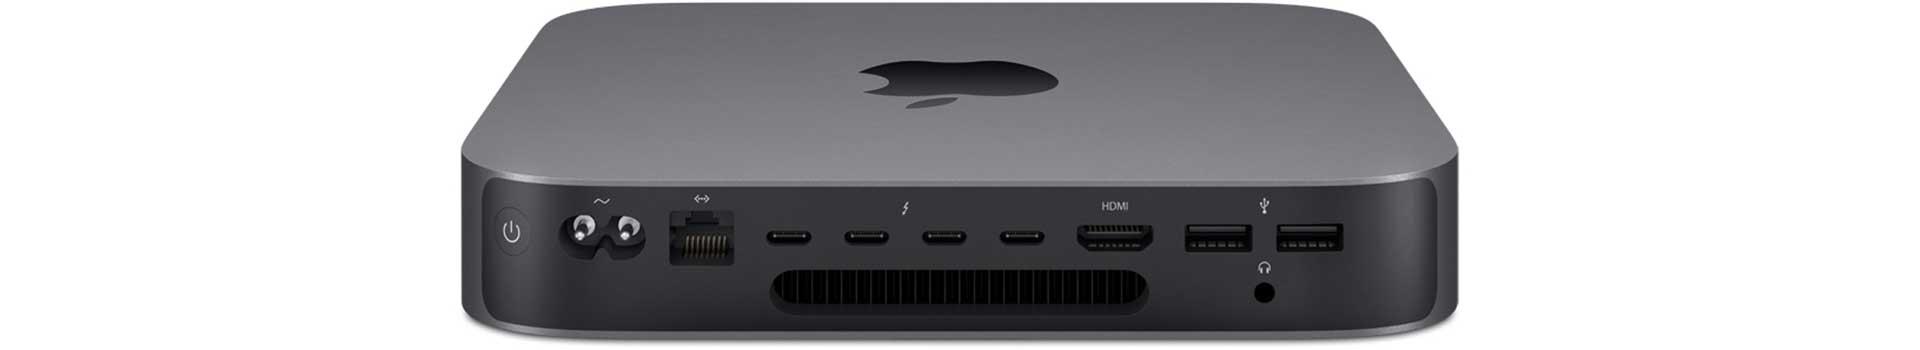 Reparar Mac Mini. Servicio Técnico Apple Barcelona